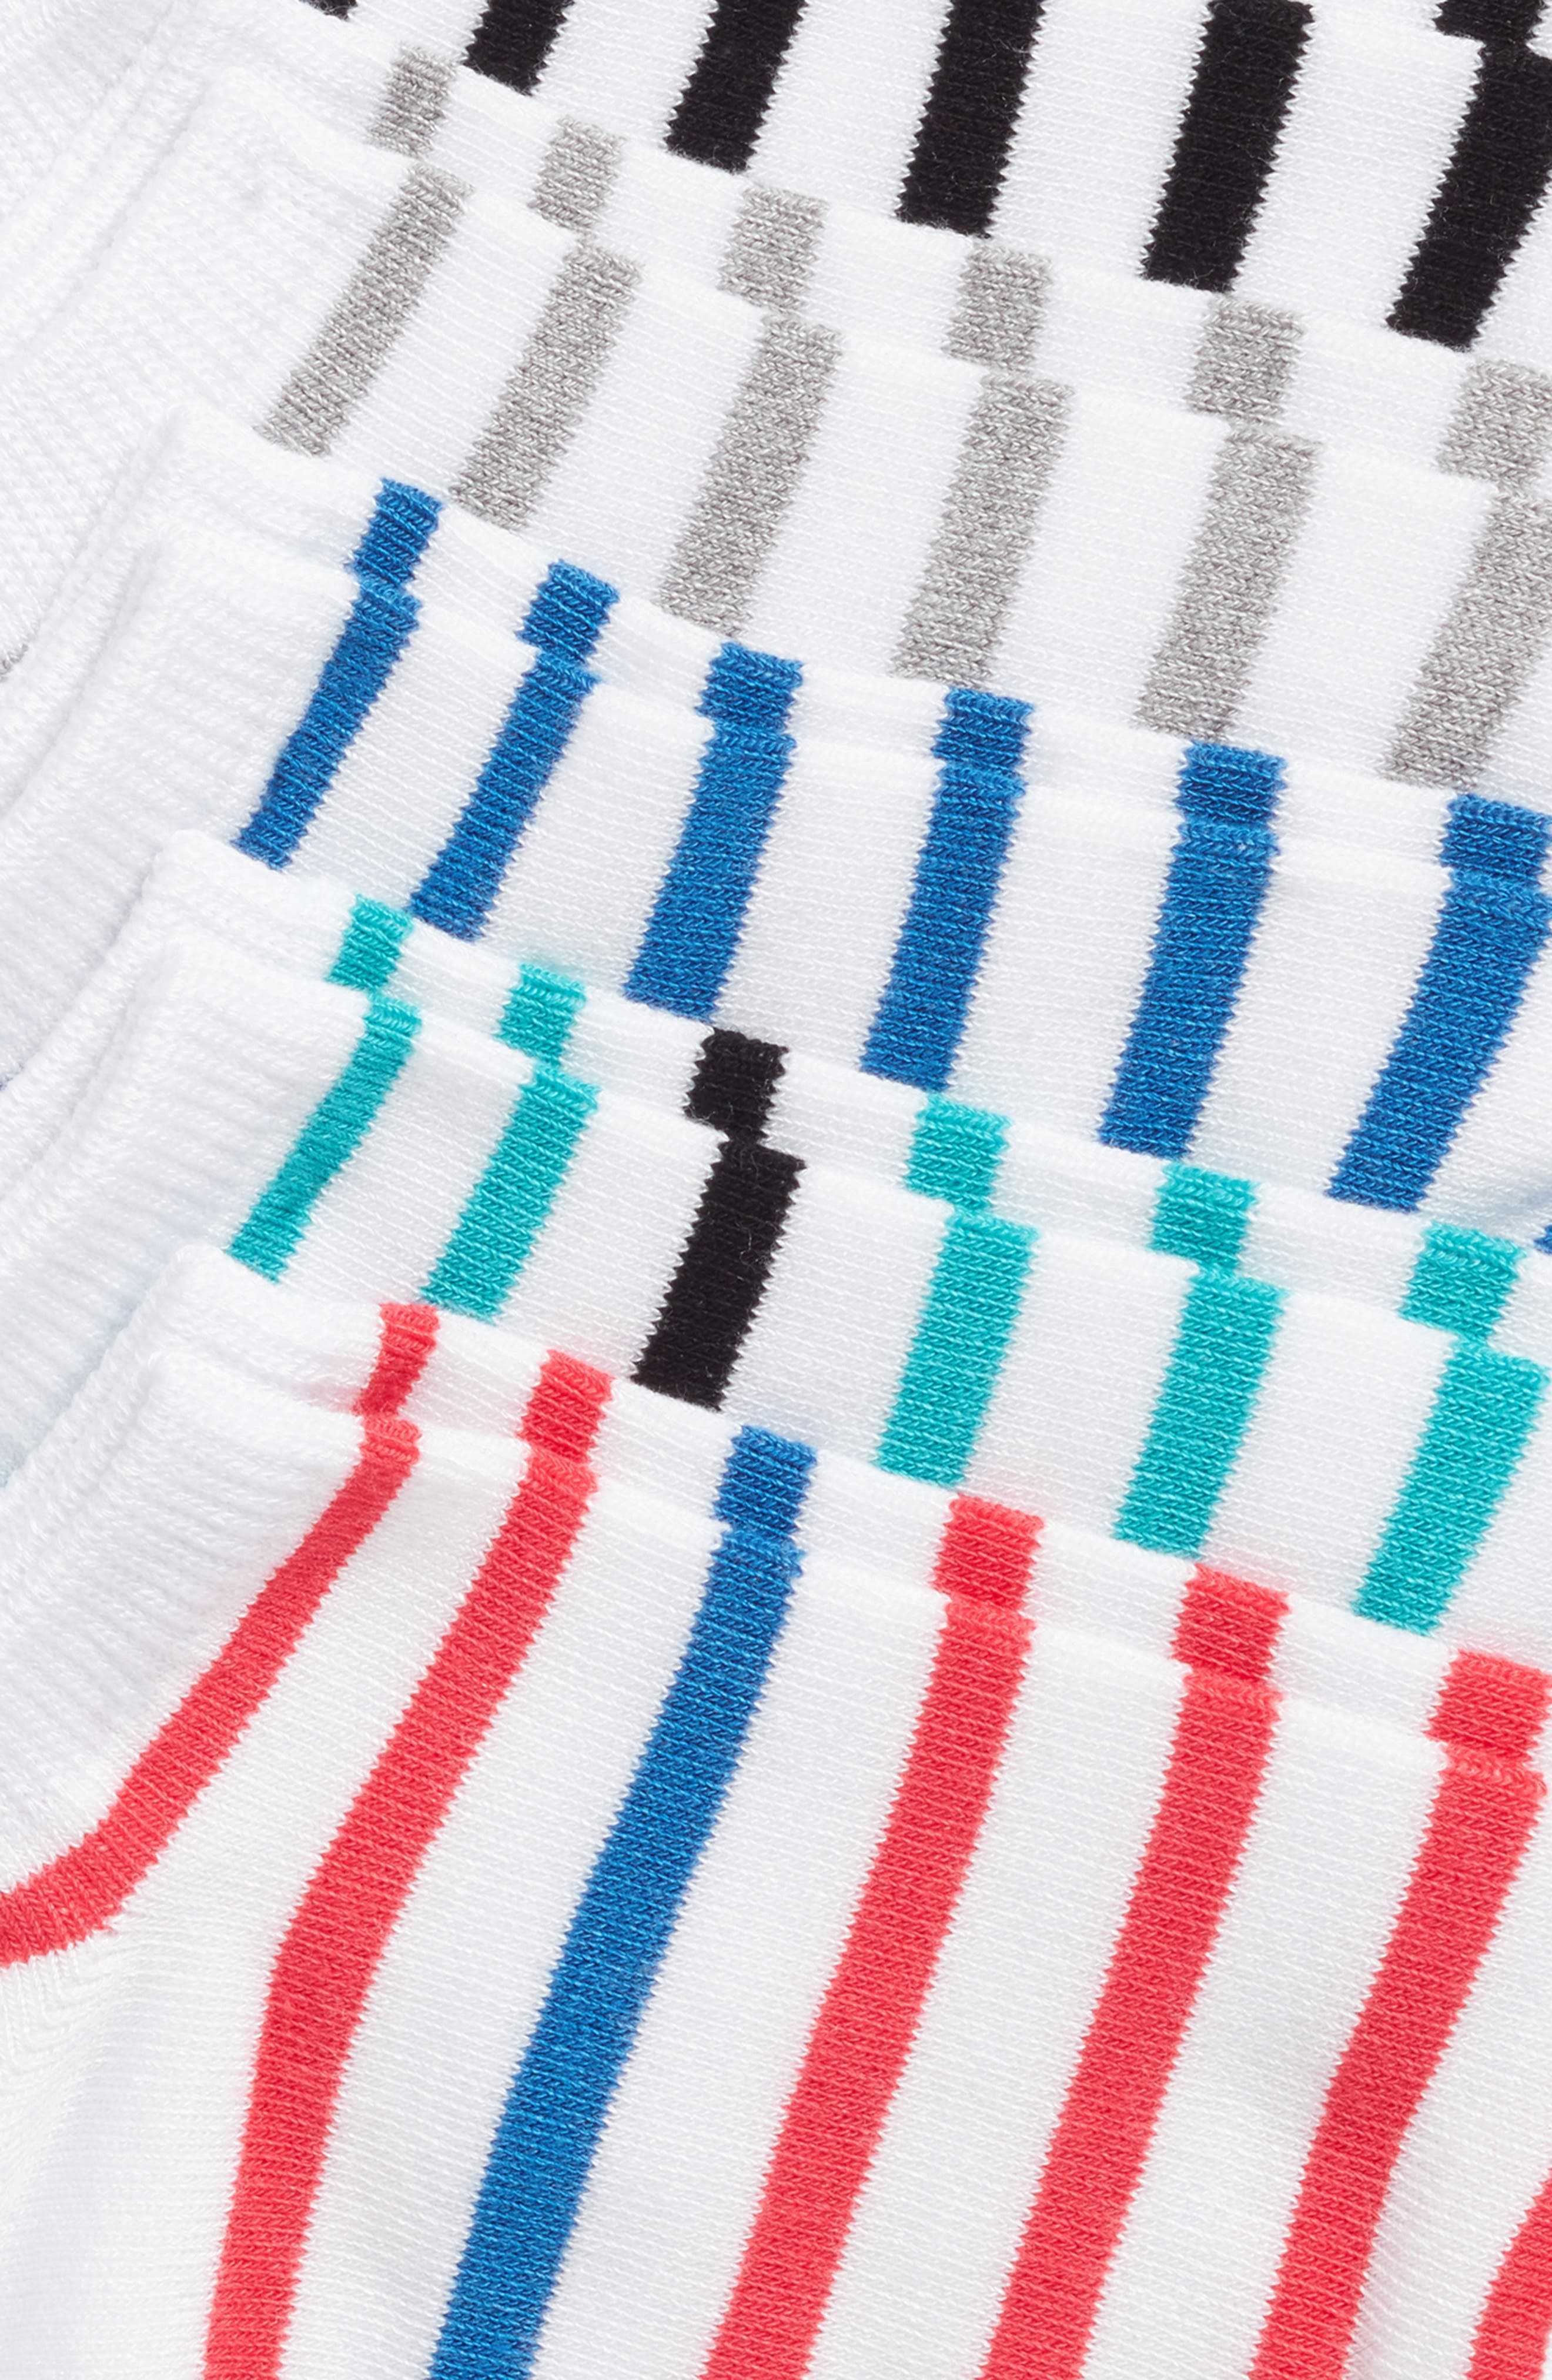 5-Pack Breton Stripe Socks,                             Alternate thumbnail 2, color,                             100